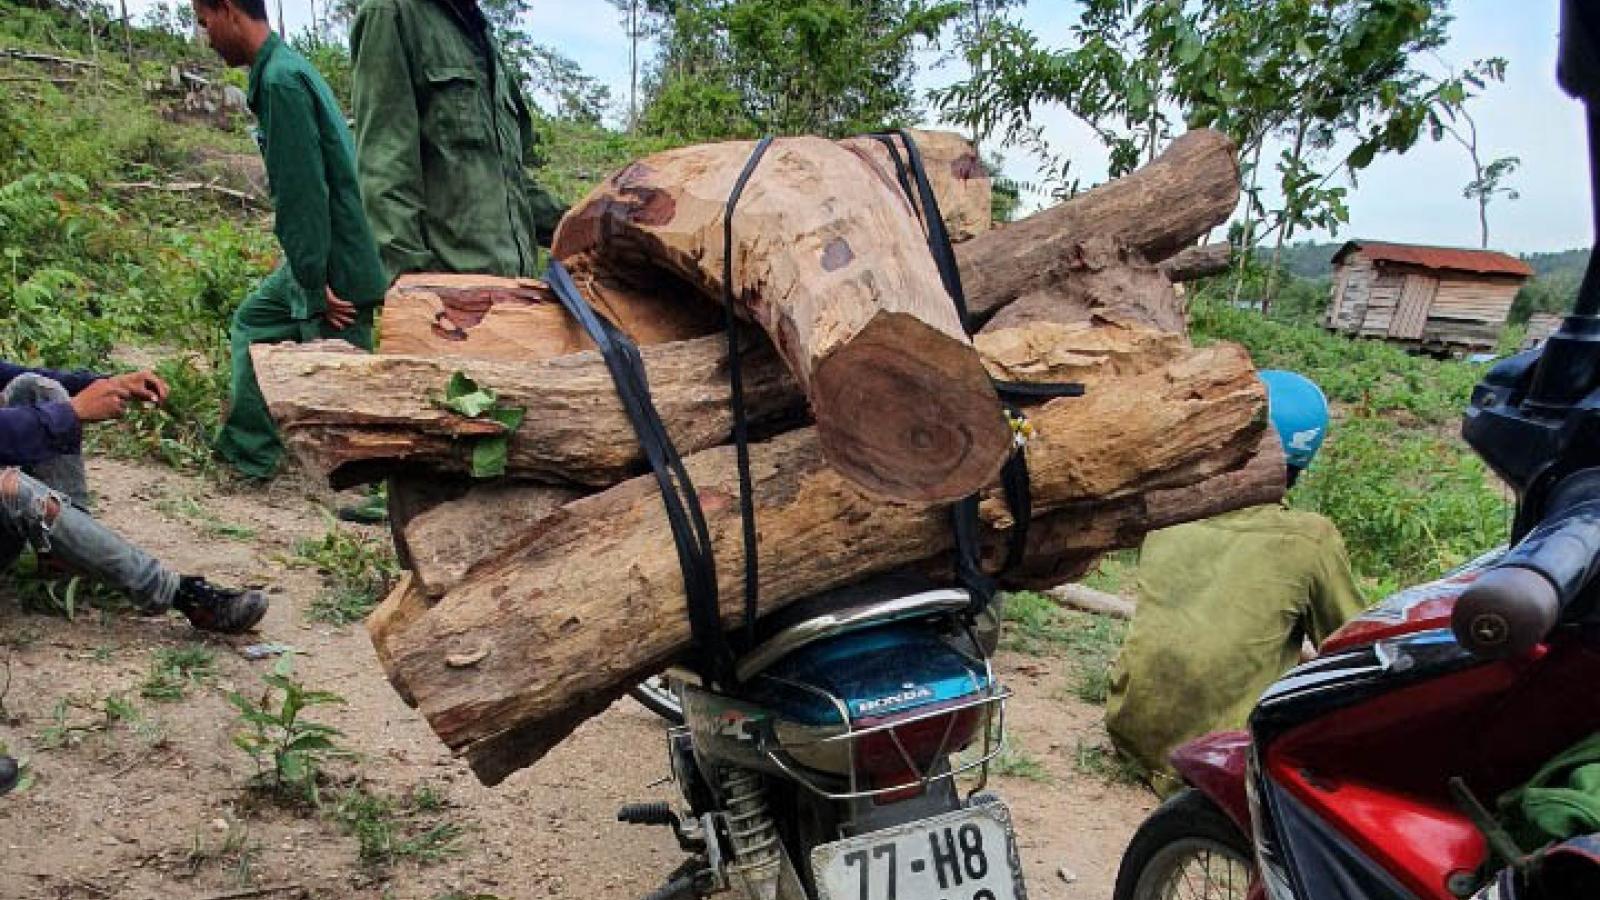 Phá rừng bảo tồn Ea Sô: Cần điều tra đầu nậu, cắt cung - cầu gỗ lậu